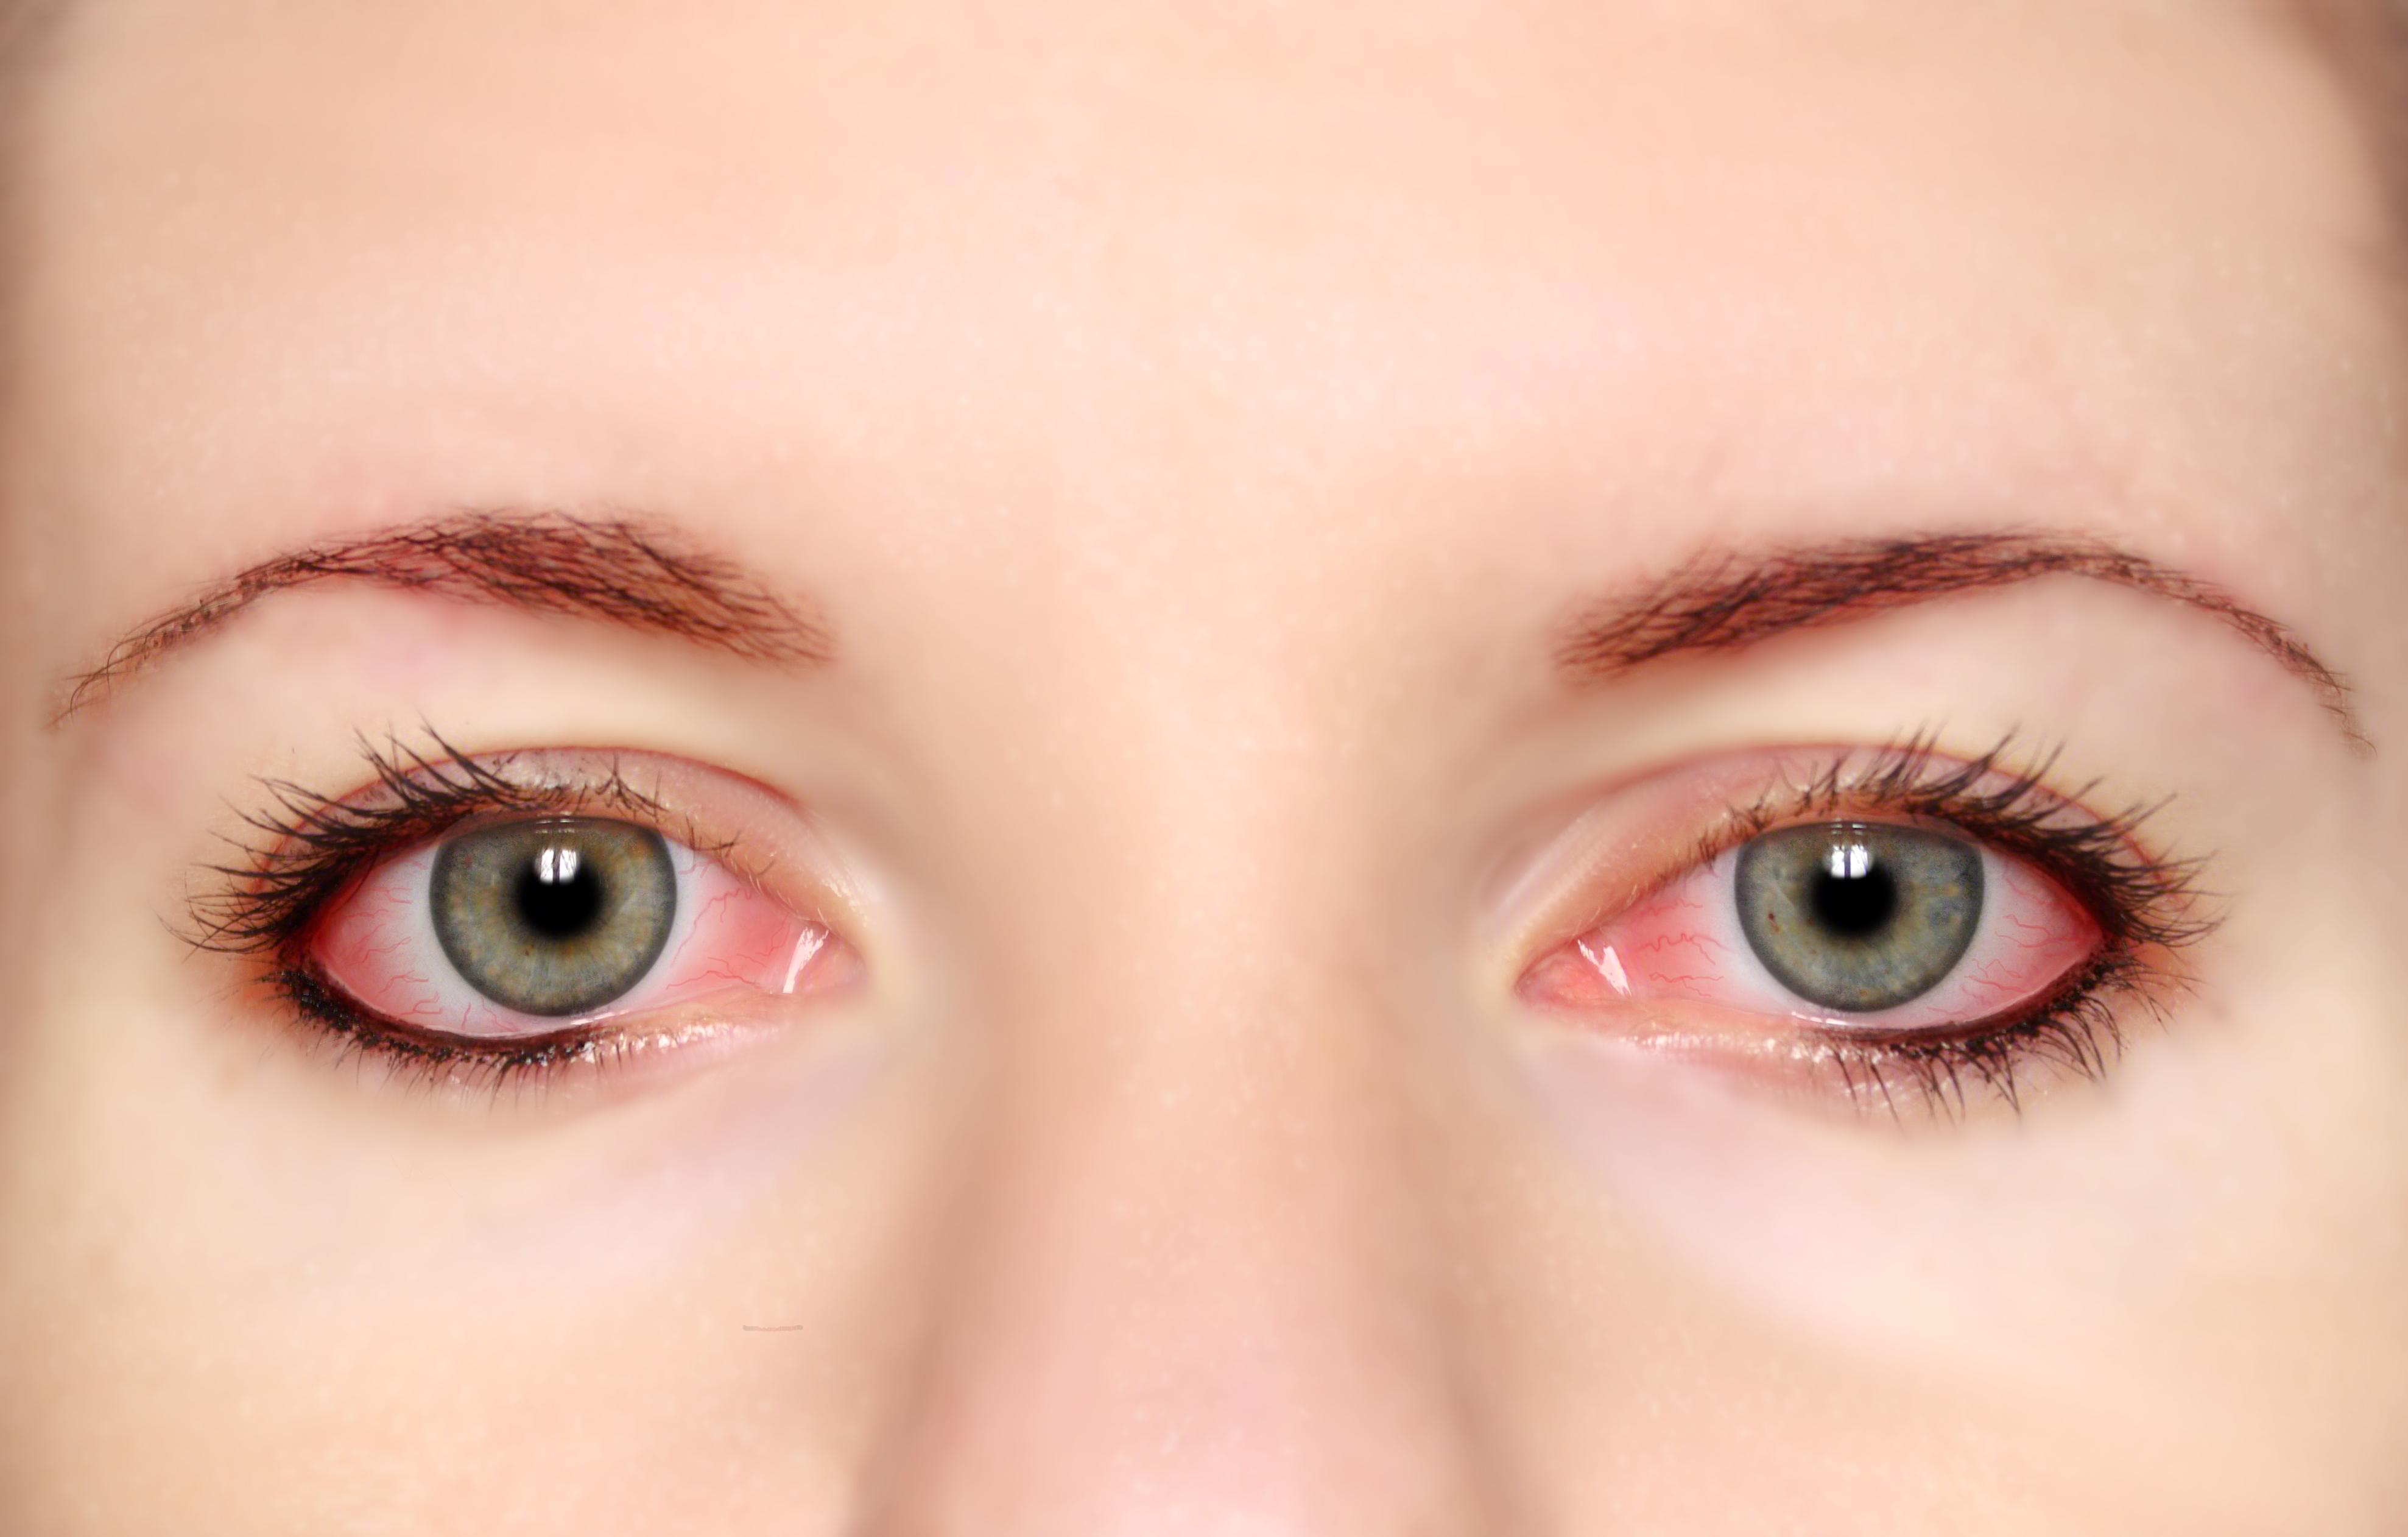 红眼病患者图片